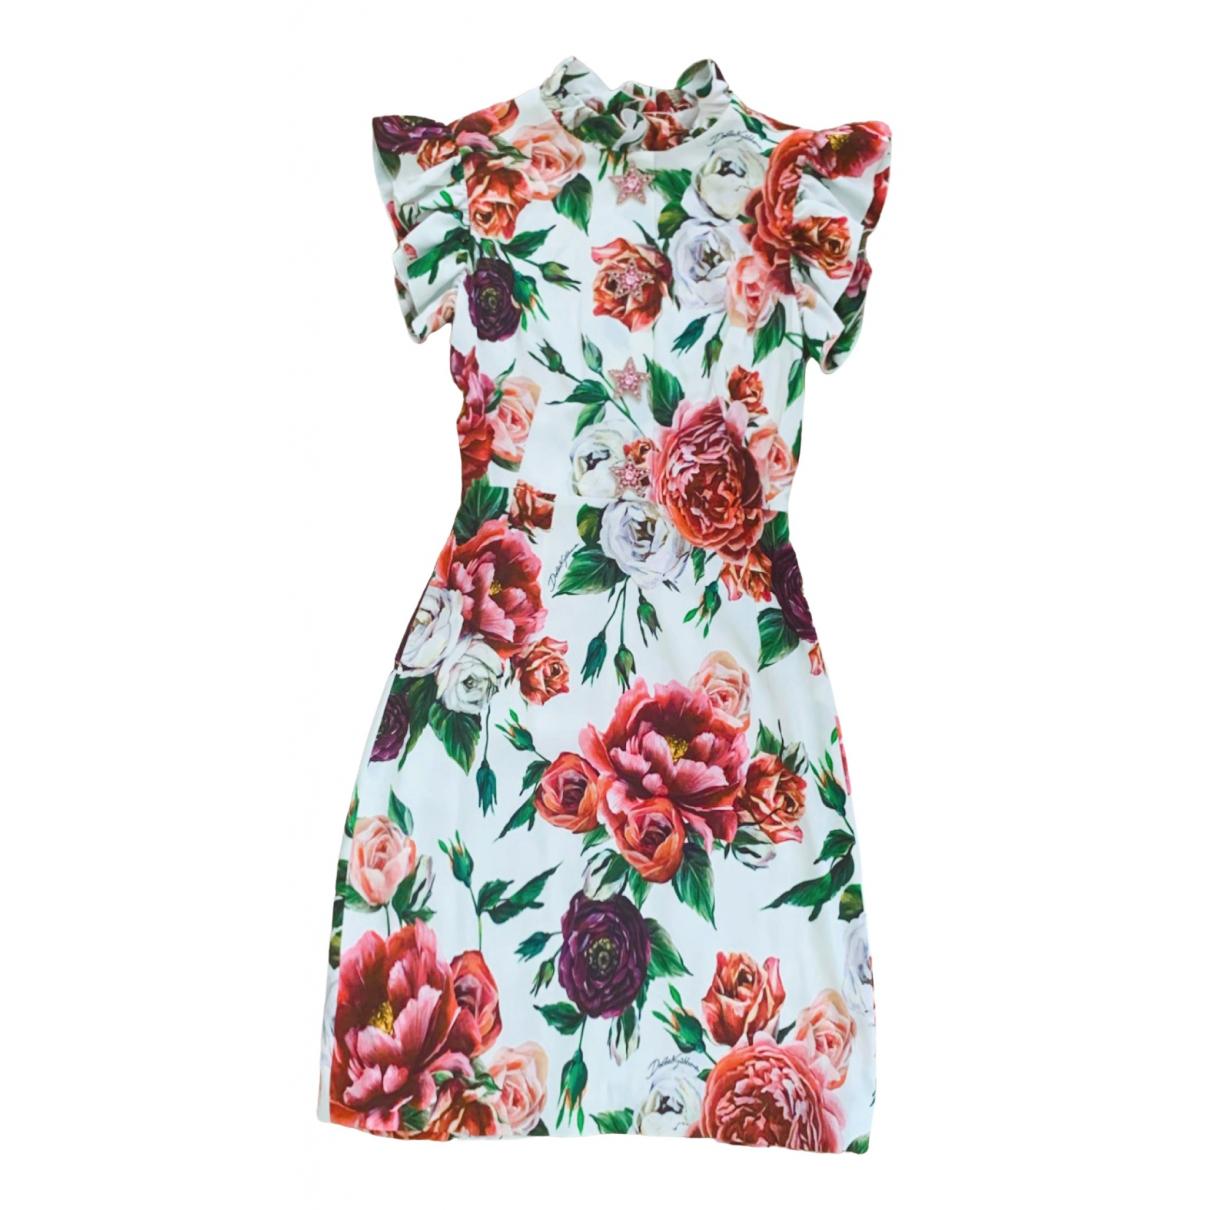 Dolce & Gabbana \N White dress for Women S International